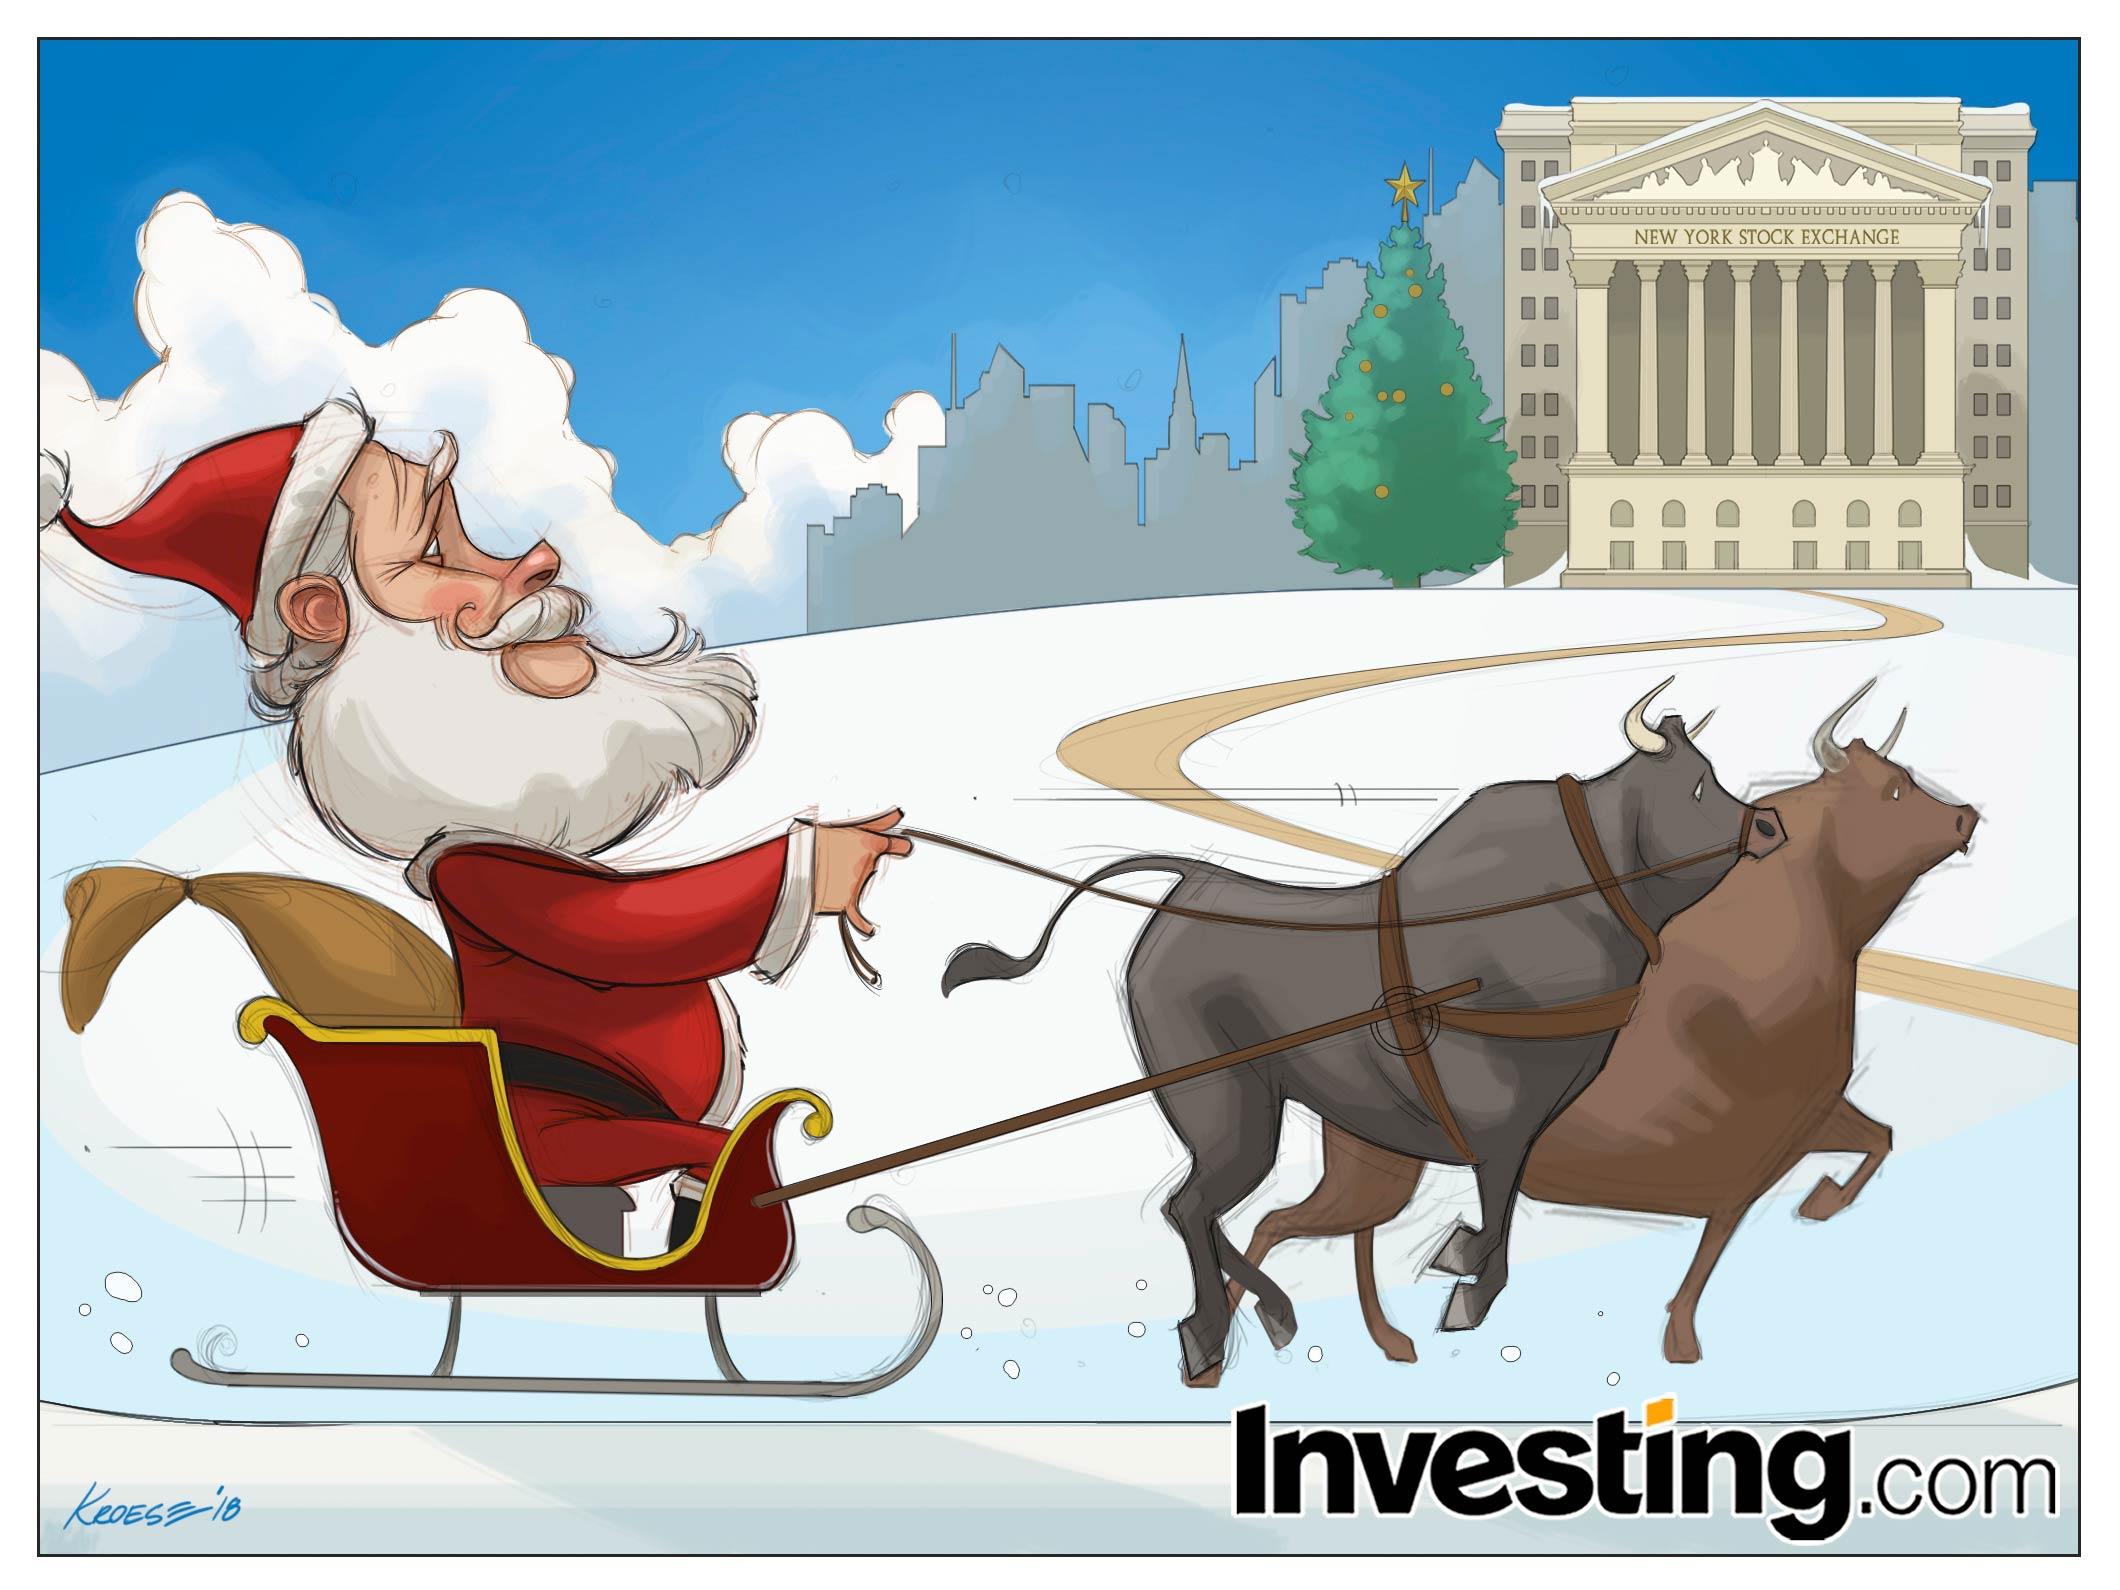 האם ראלי באדיבות סנטה קלאוס יבקר השנה את וול סטריט, או שמלחמות הסחר של טראמפ יניעו מטה את השווקים?